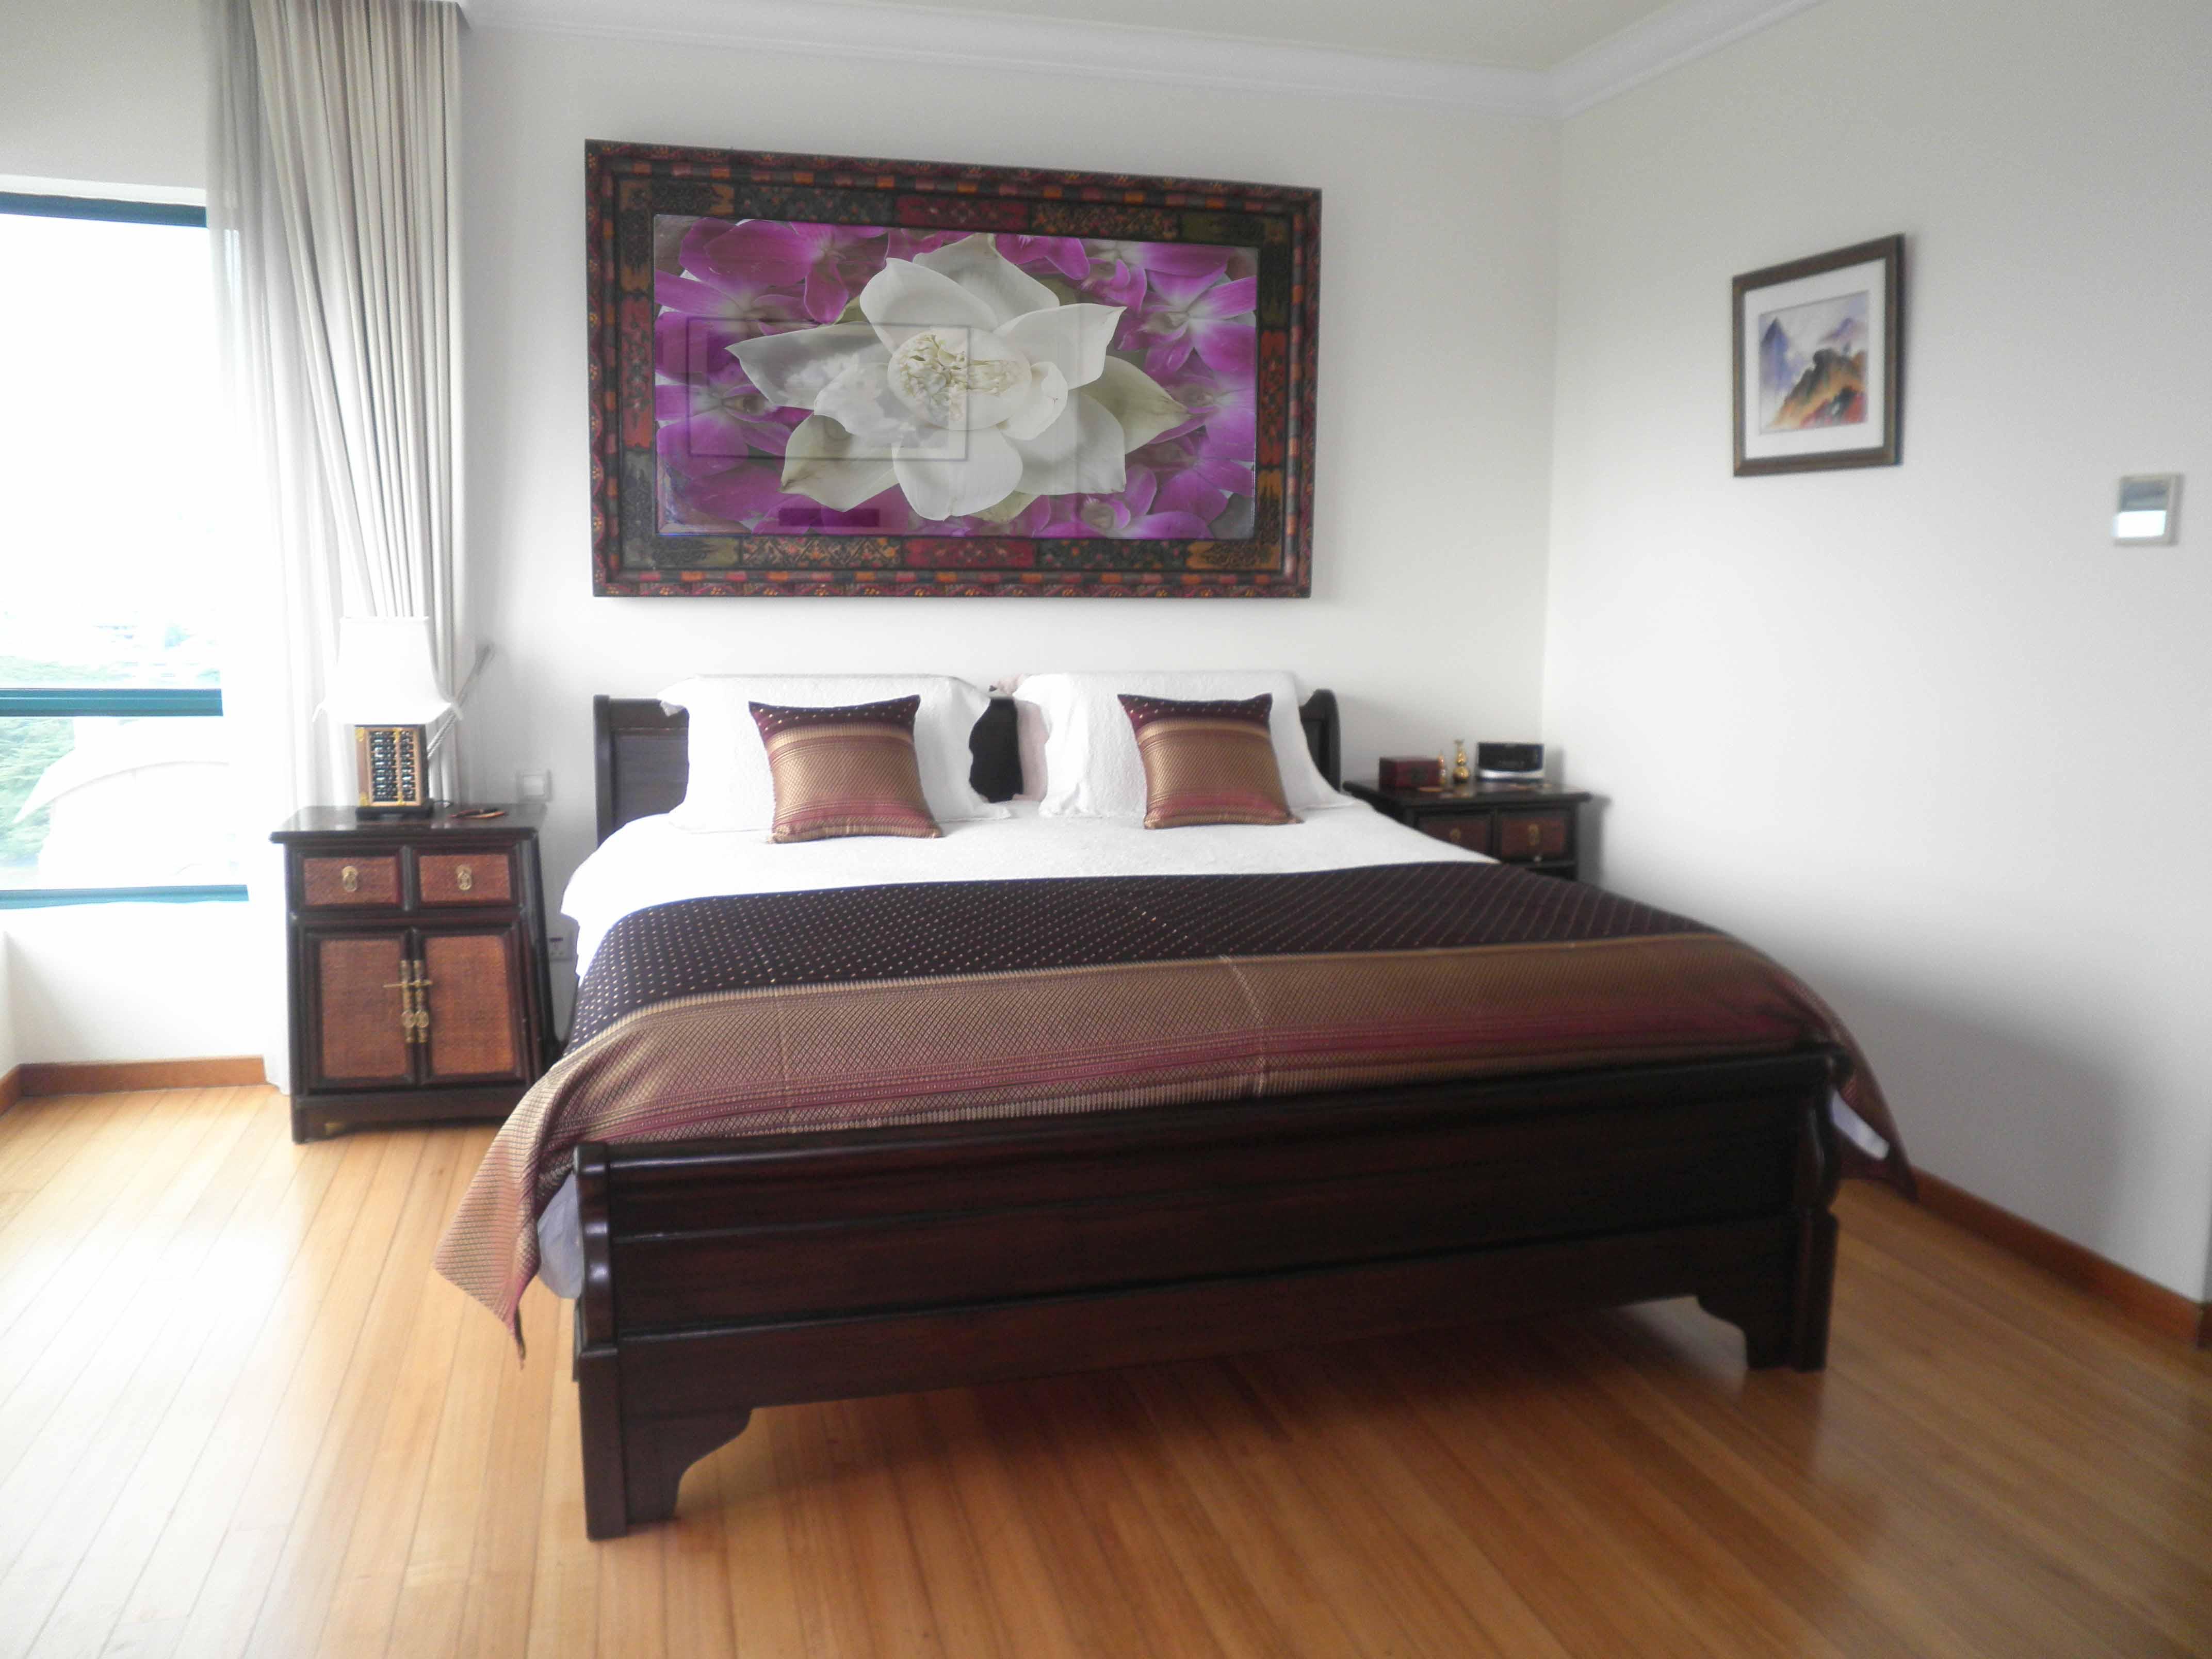 Какой должна быть спальня по фен-шуй?